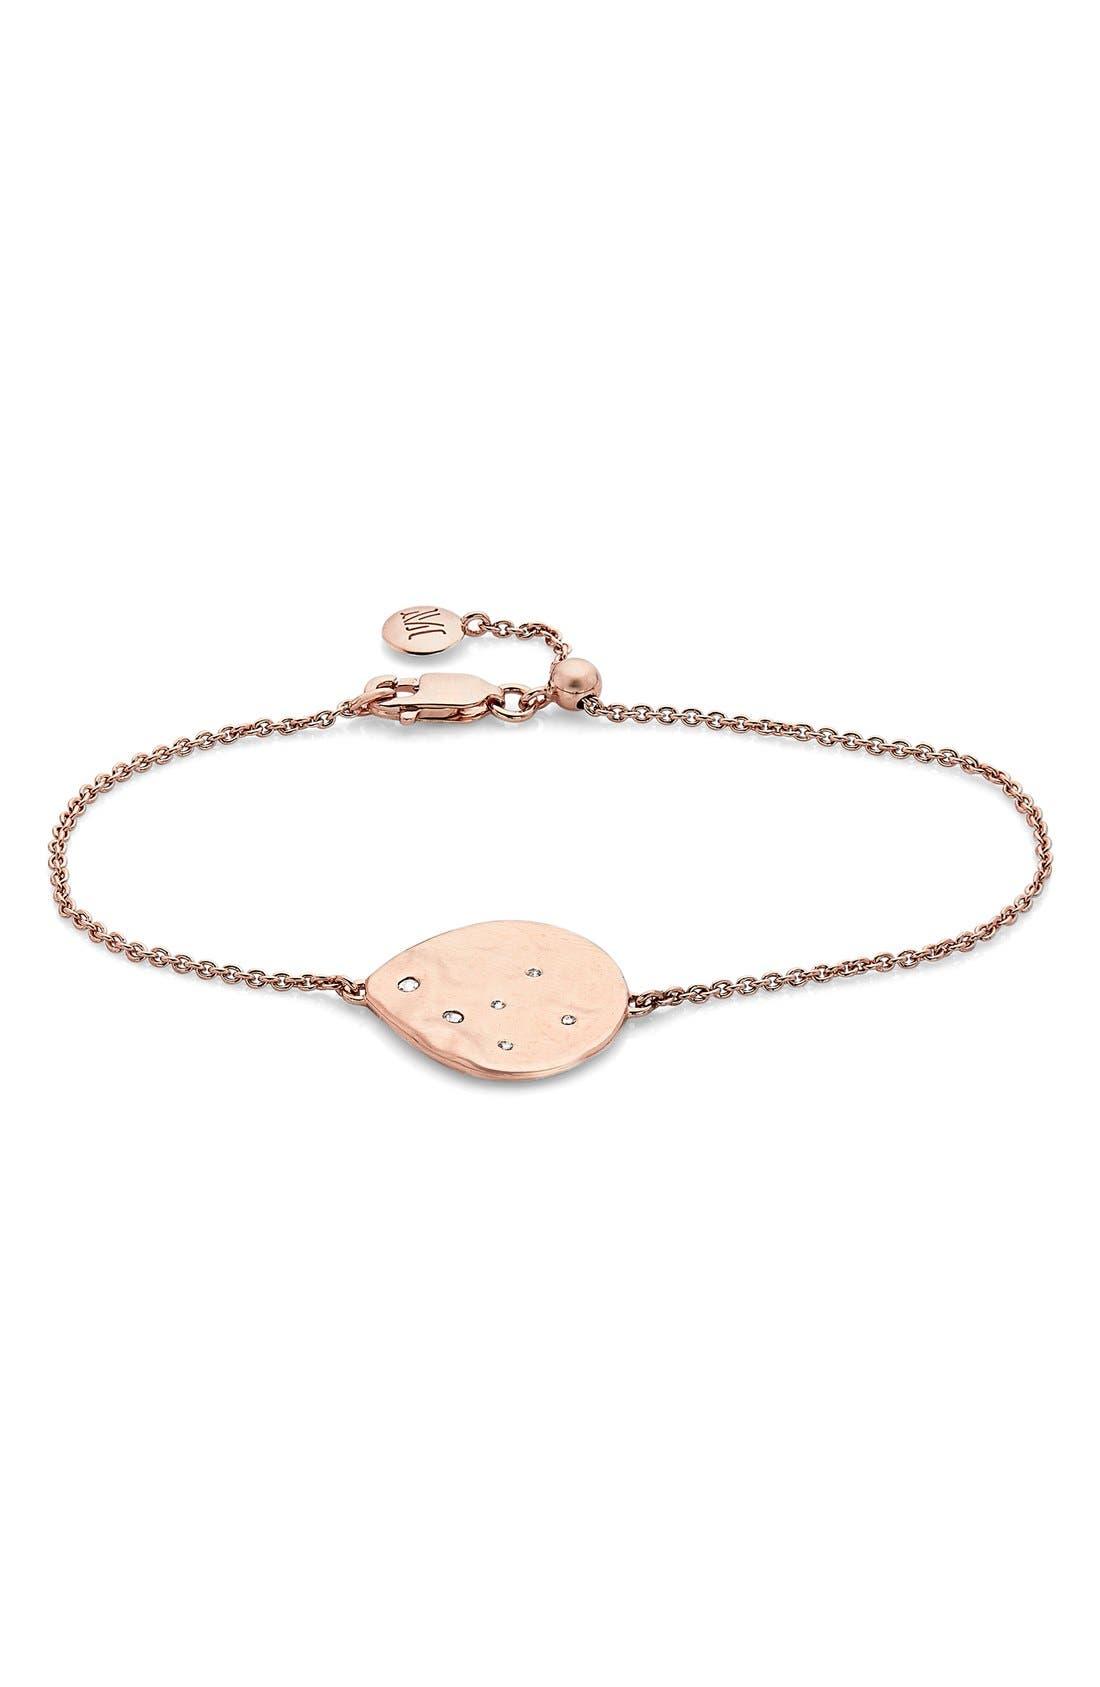 'Siren Scatter' Bracelet,                             Main thumbnail 1, color,                             White Topaz/ Rose Gold